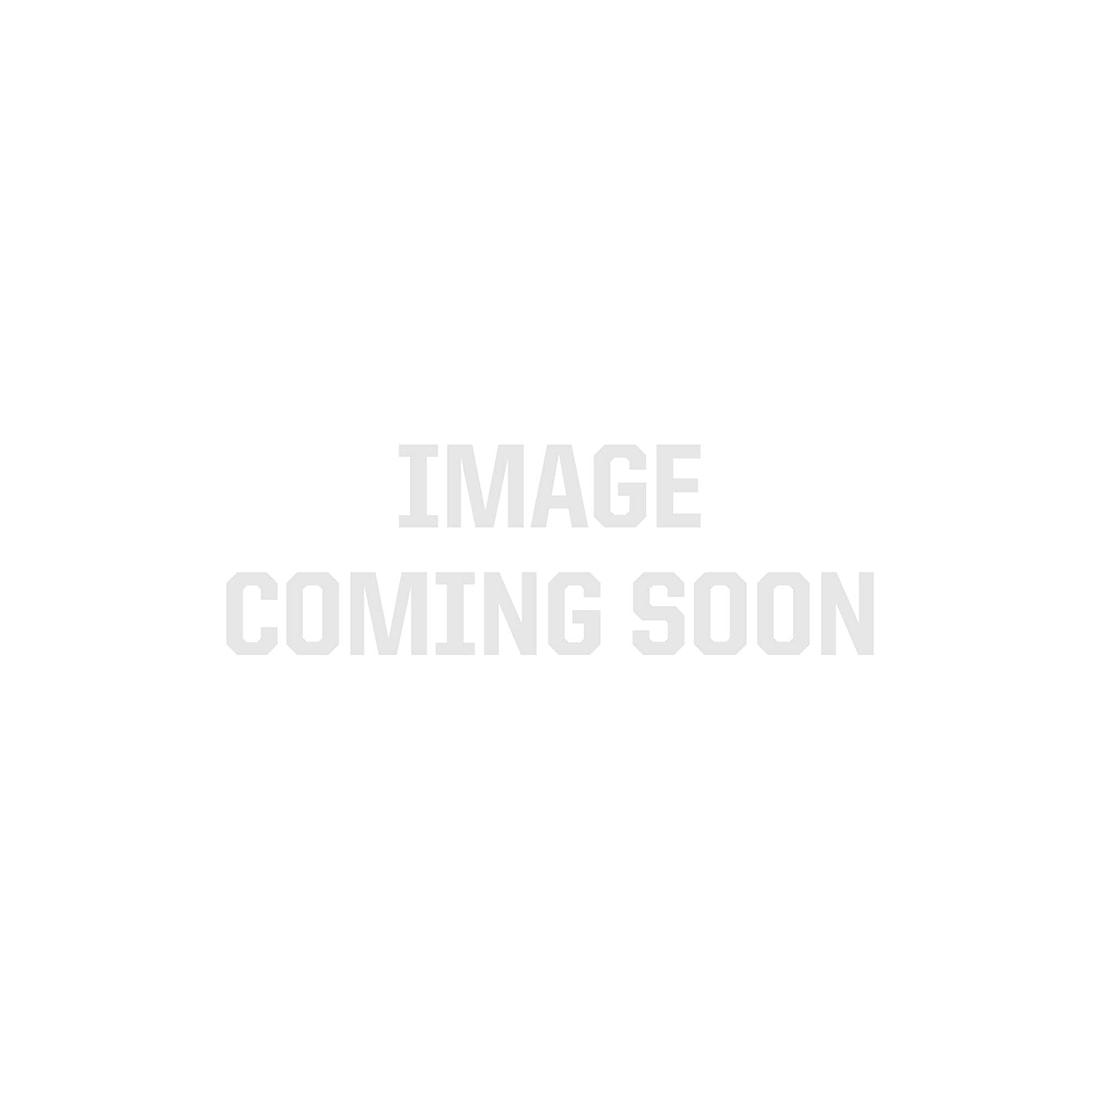 MaxLite 2x2 Eco-T LED Recessed Troffer Translucent White Diffuser